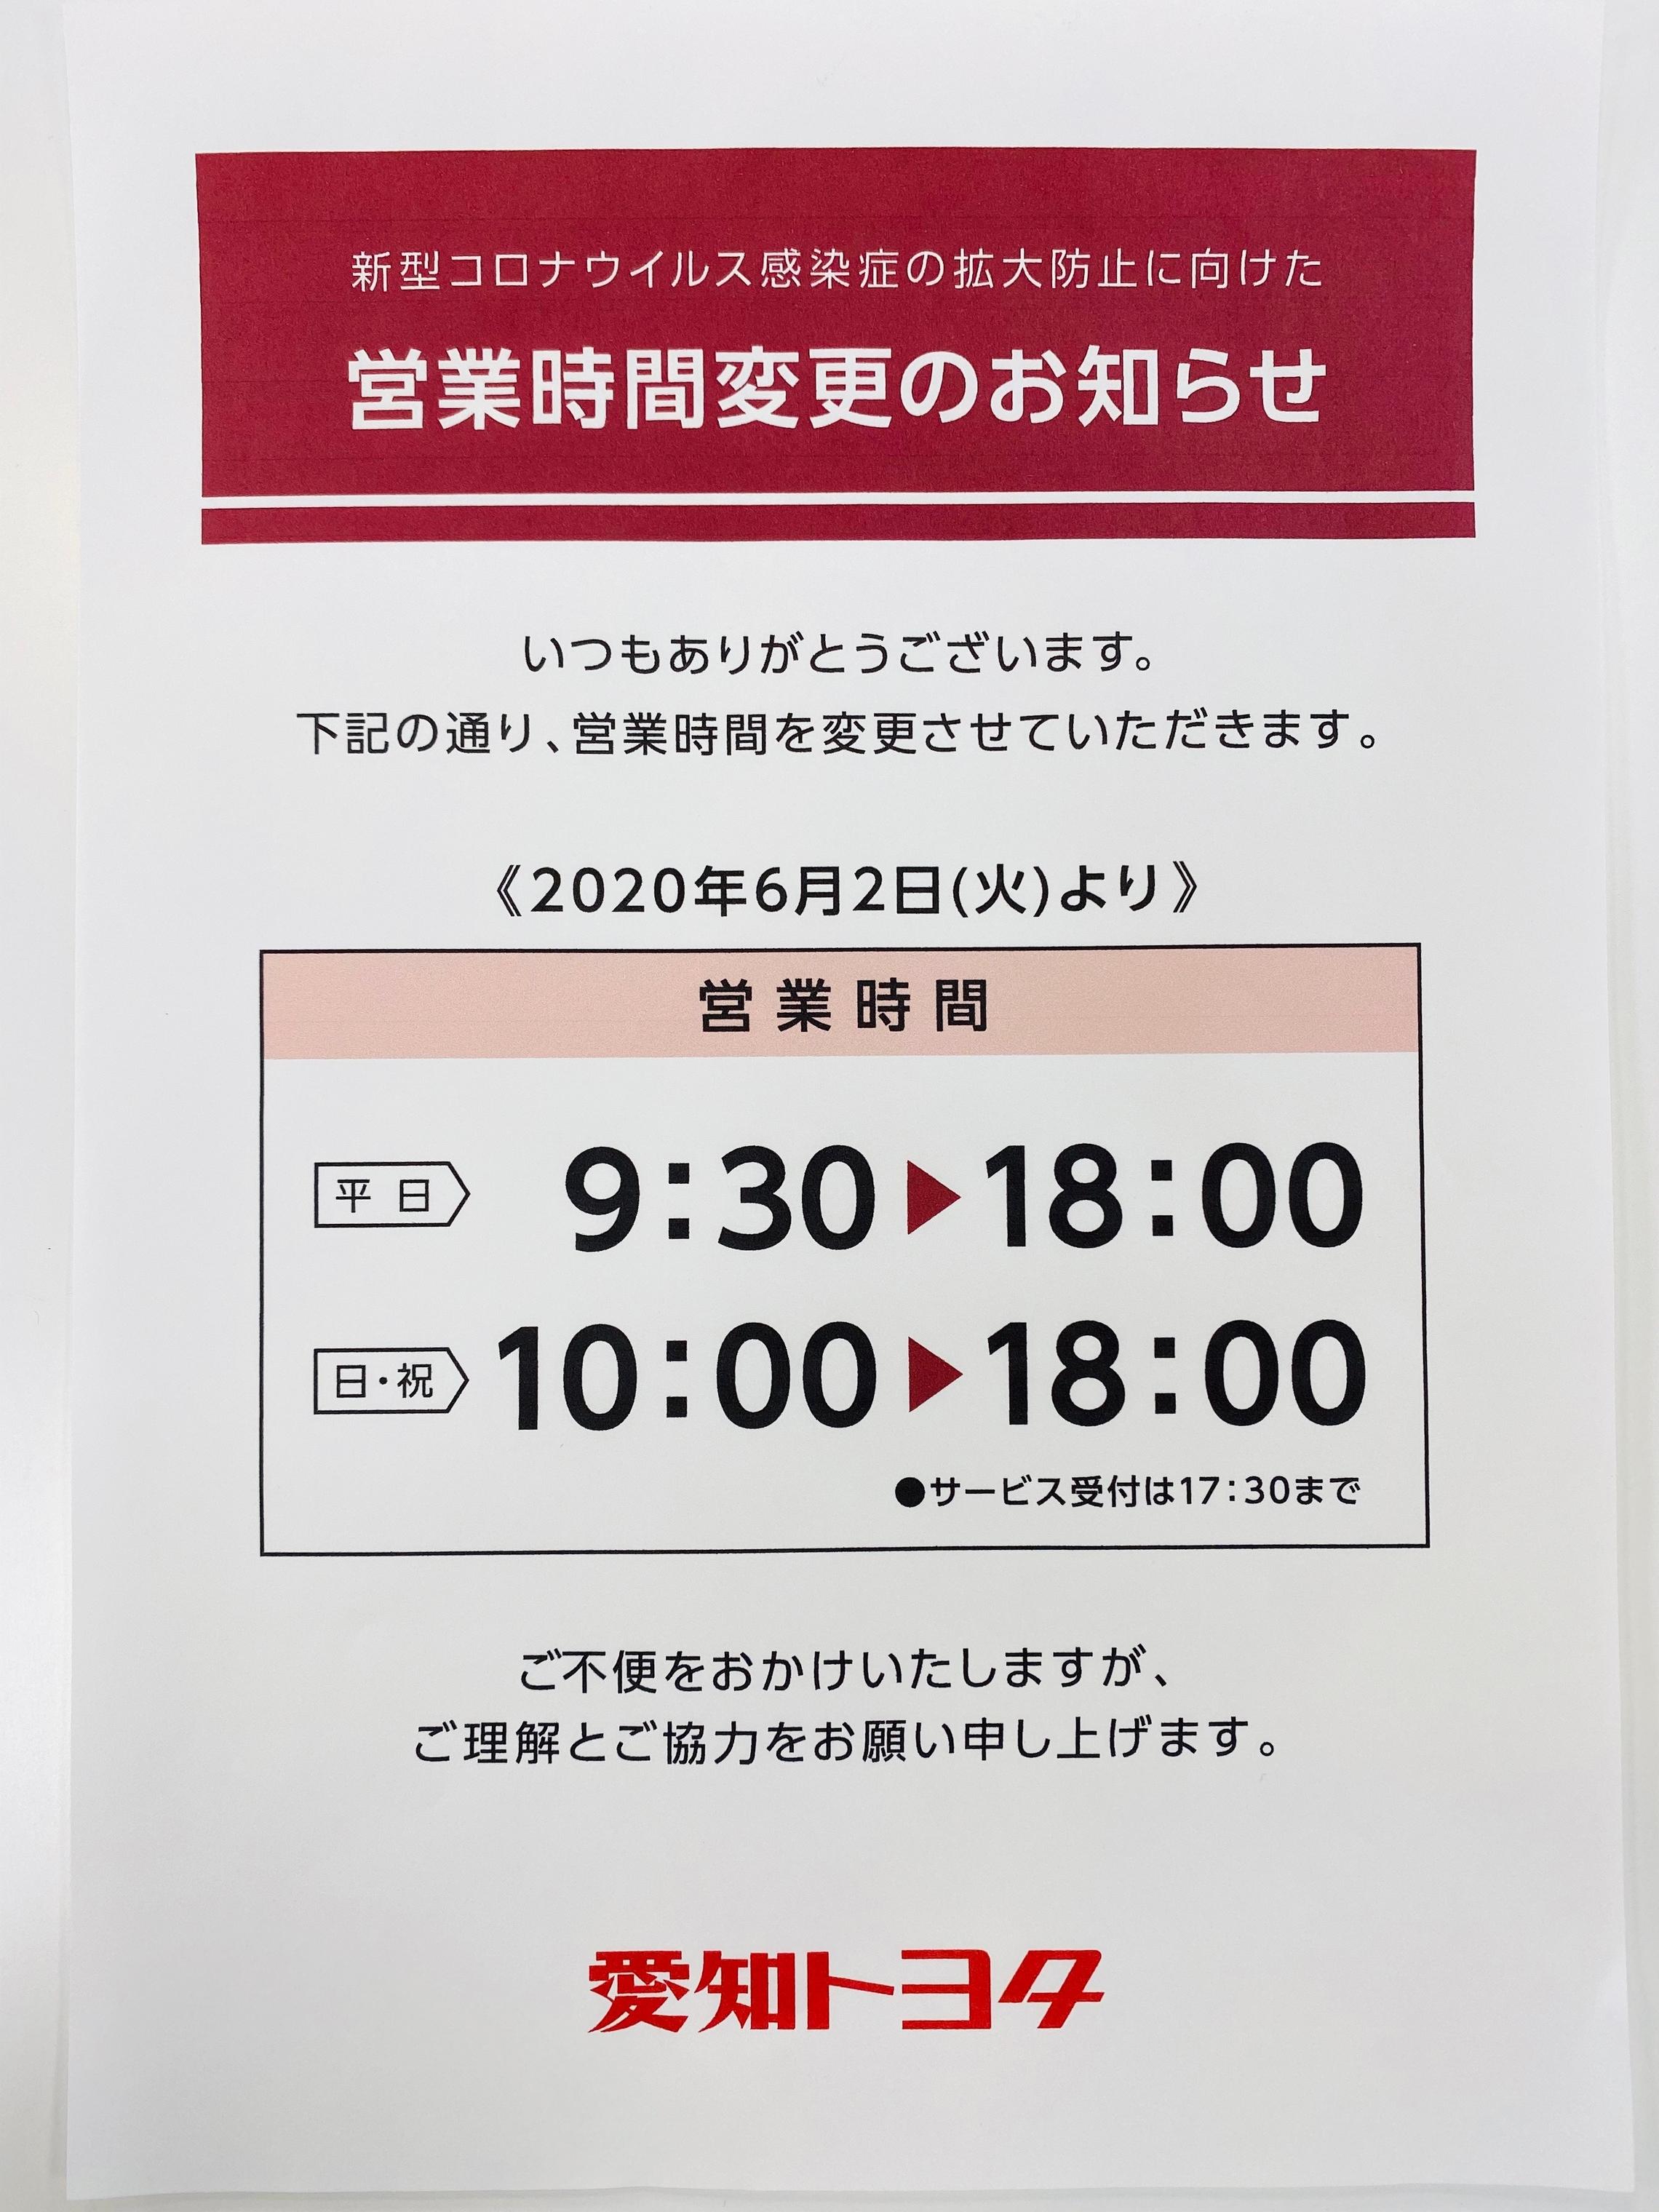 緊急 事態 宣言 解除 愛知 県